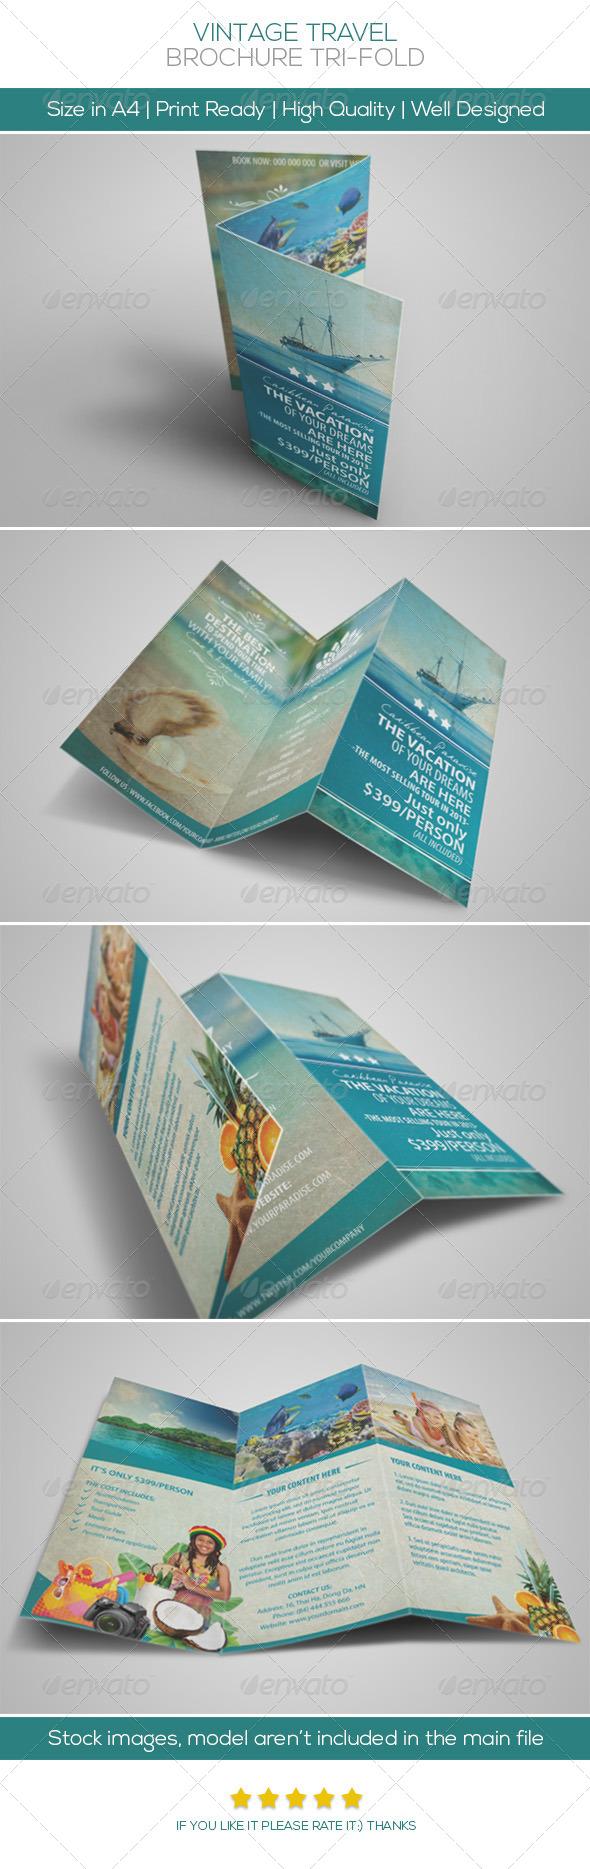 Vintage Travel Brochure Tri-fold - Informational Brochures